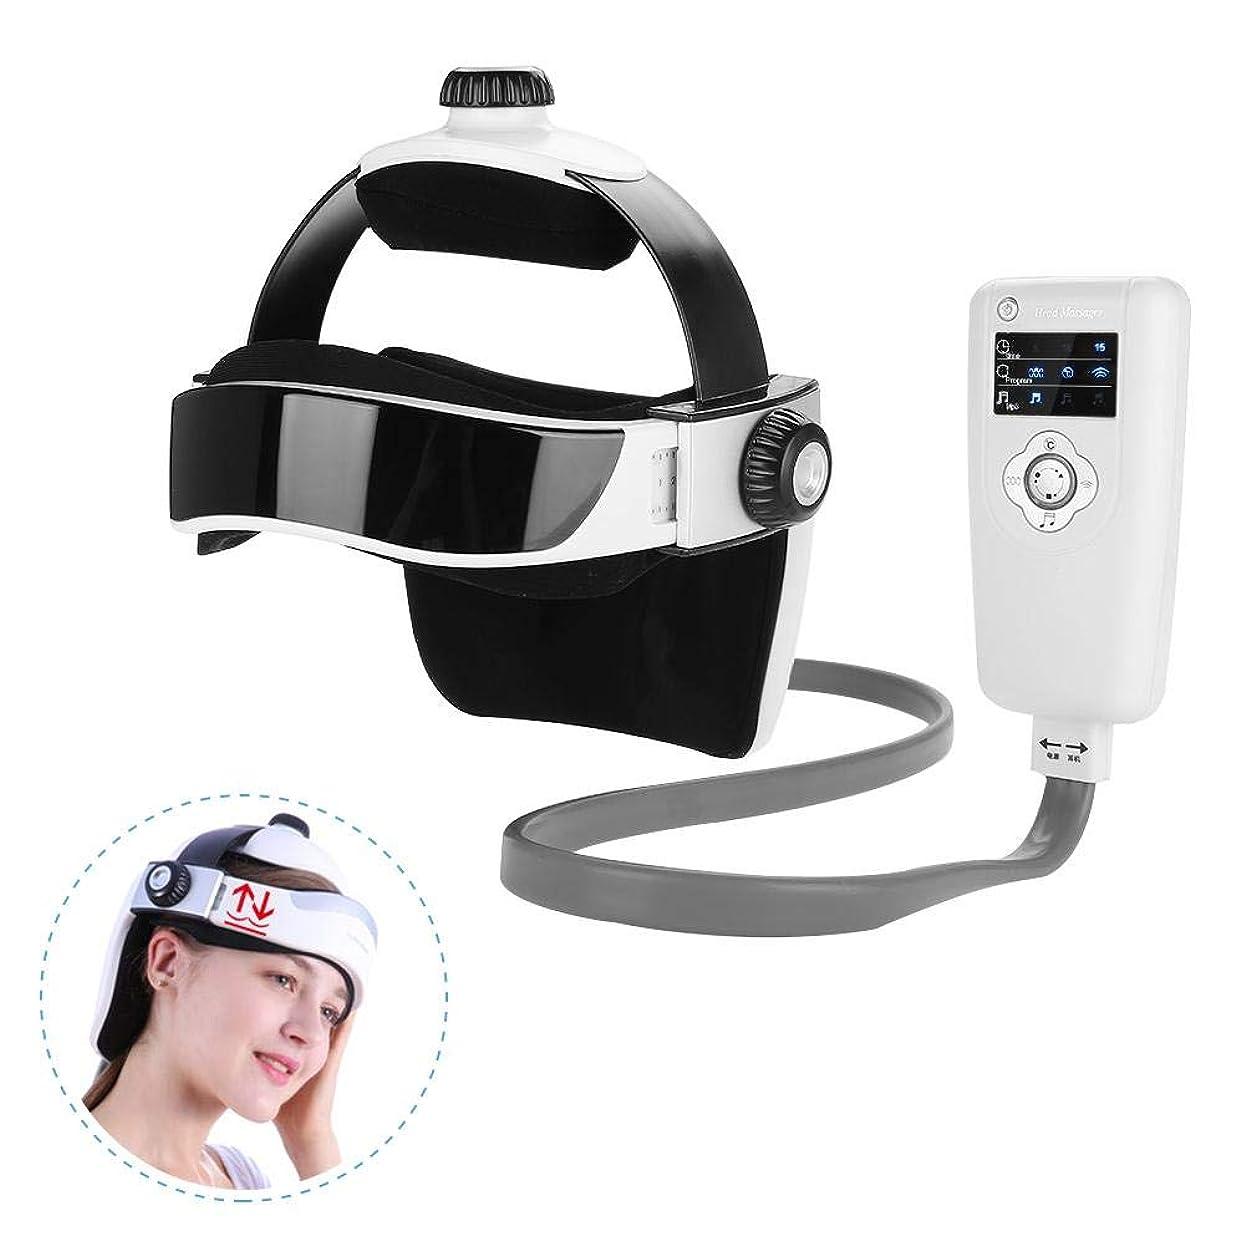 薬クライストチャーチホールヘッド振動マッサージャー、電気インテリジェント指プレスマッサージヘルメット、恒温脳リラックスワイヤレスコントローラーと内蔵音楽ヘルスケアツール付きマッサージ